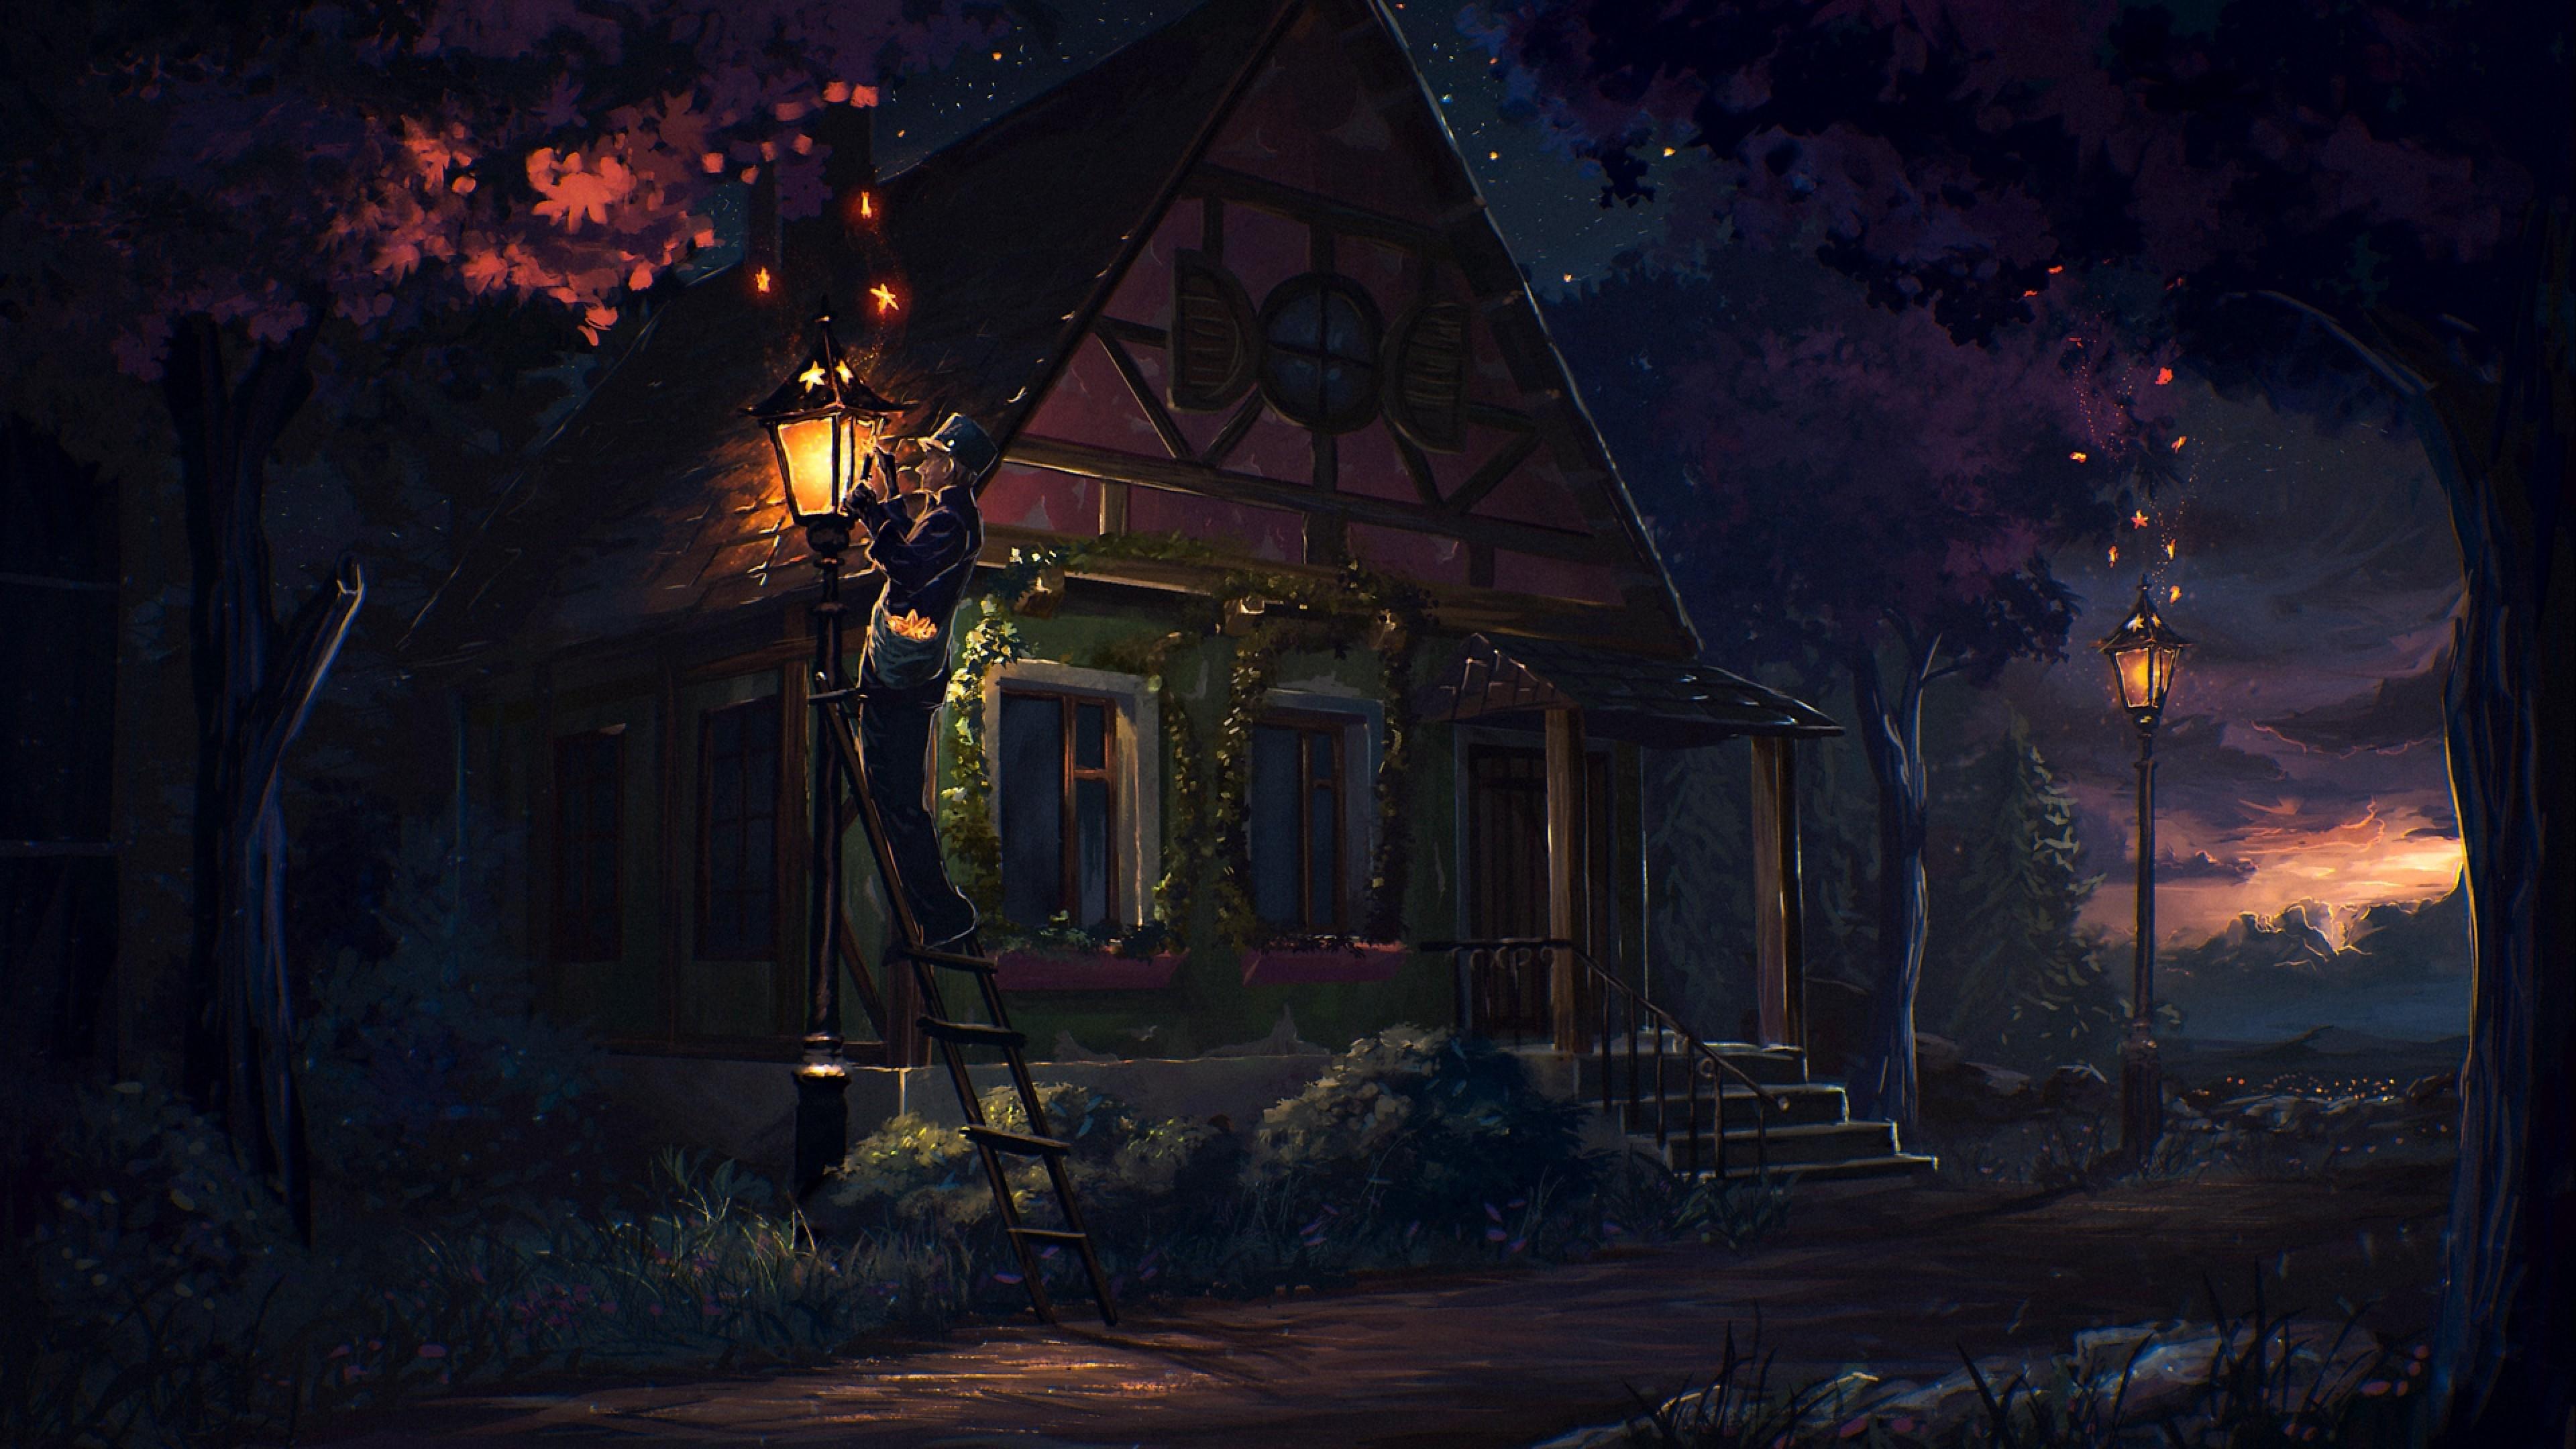 Fairytale House Hd Wallpaper 4k Ultra Hd Hd Wallpaper